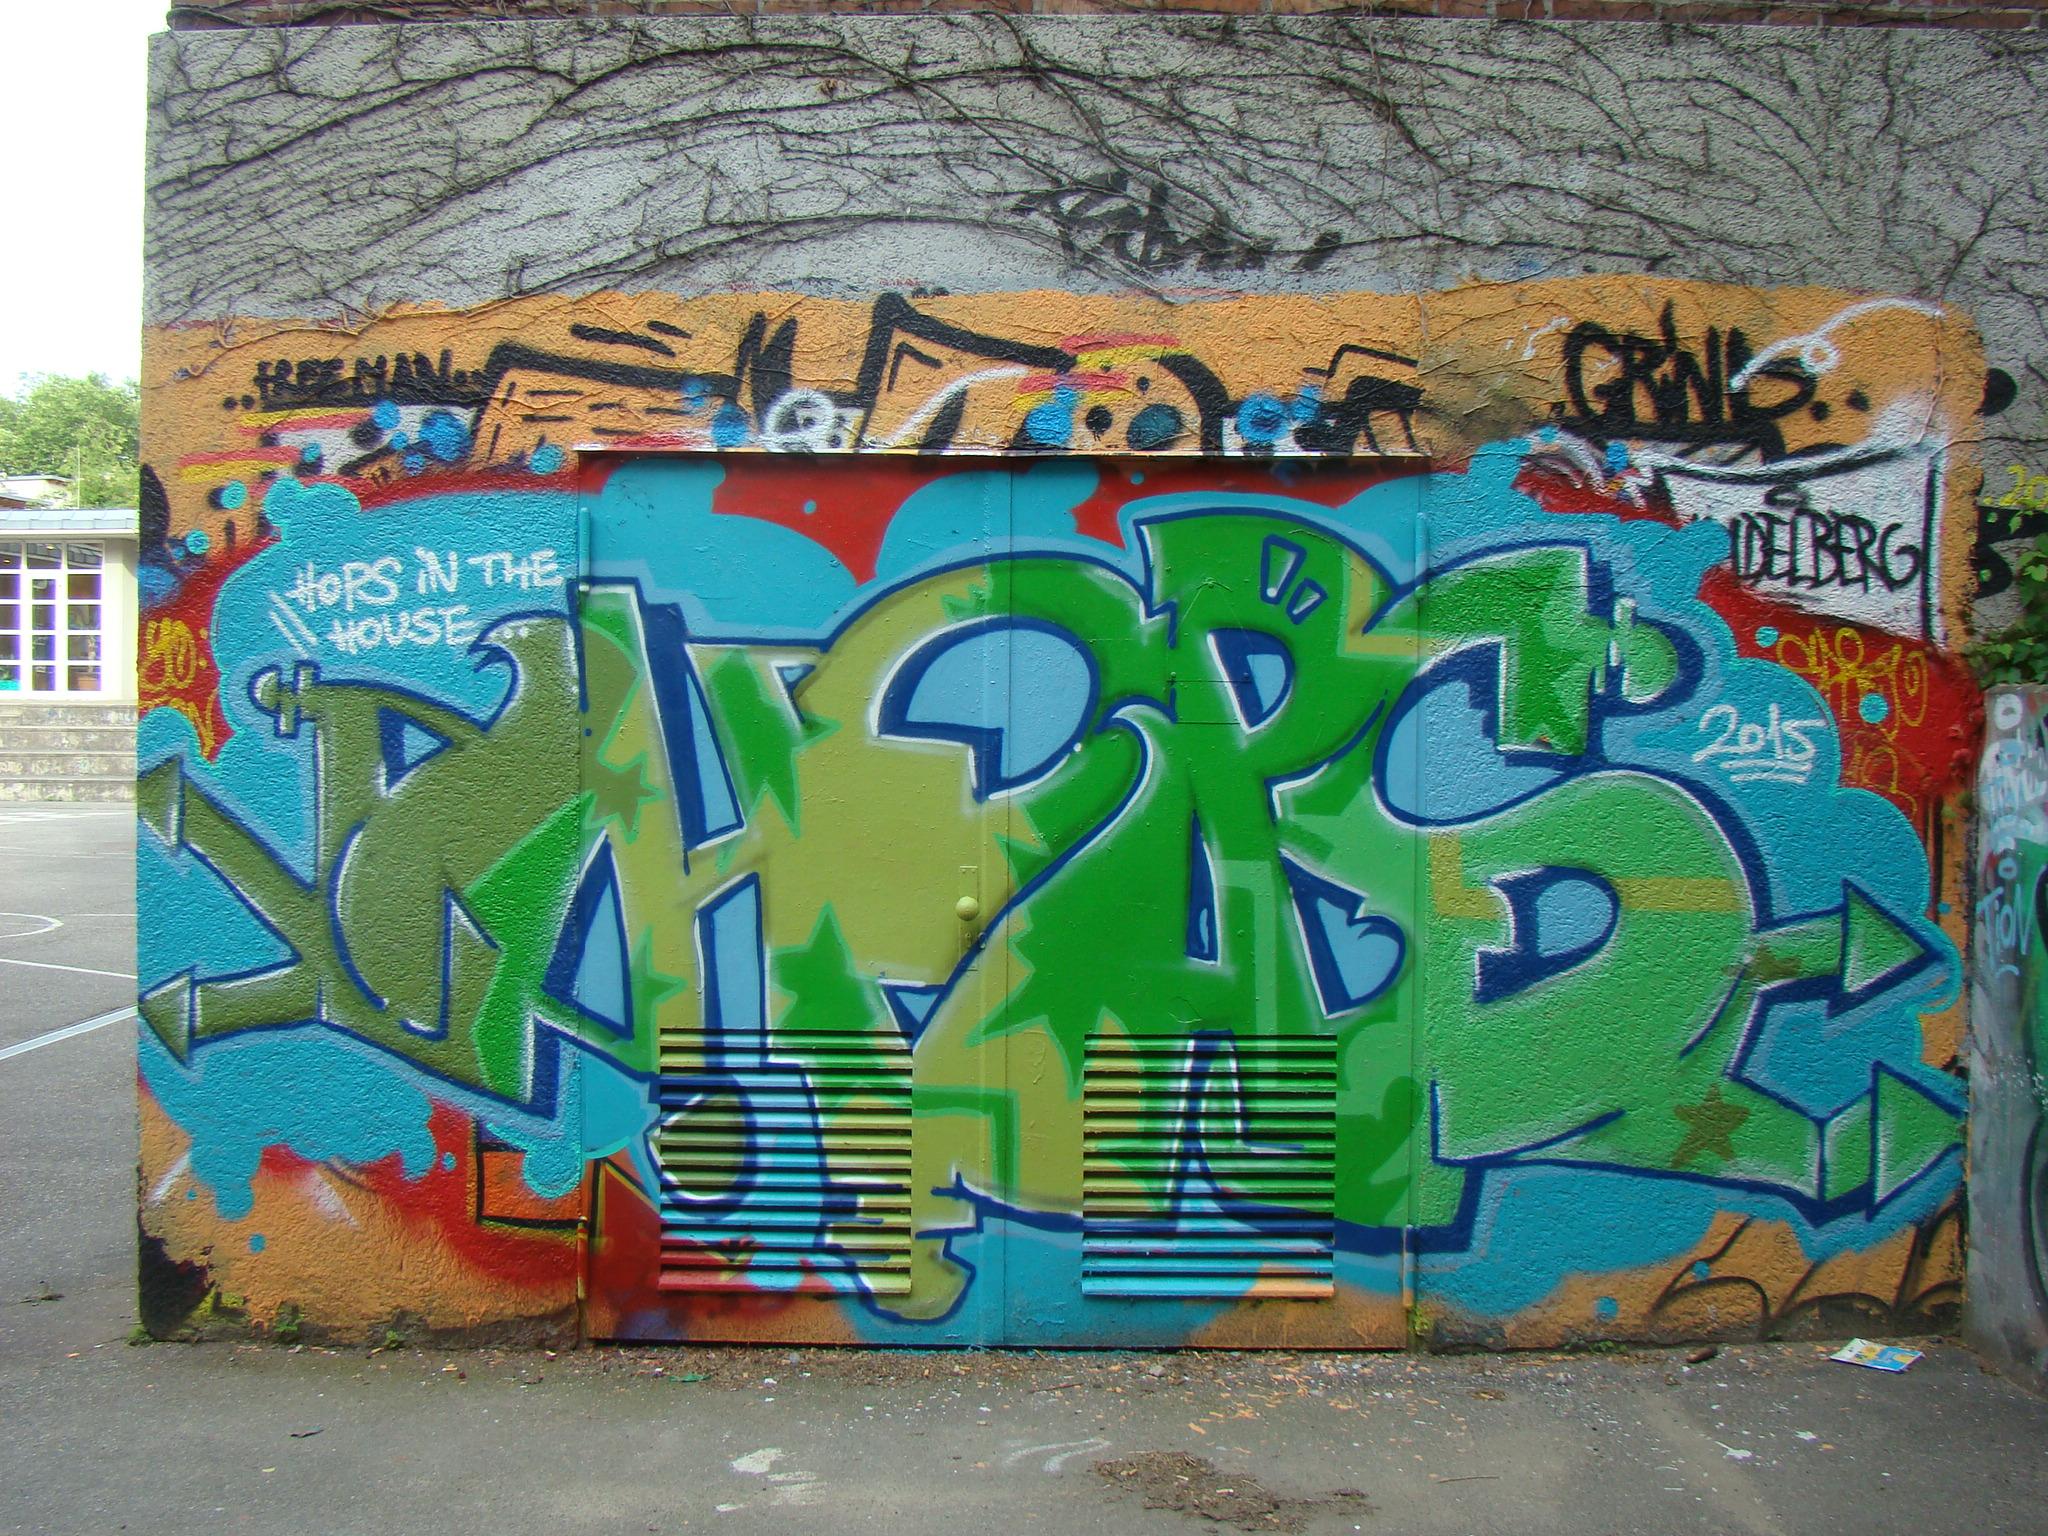 Filehnx graffiti 2015 430 jpg